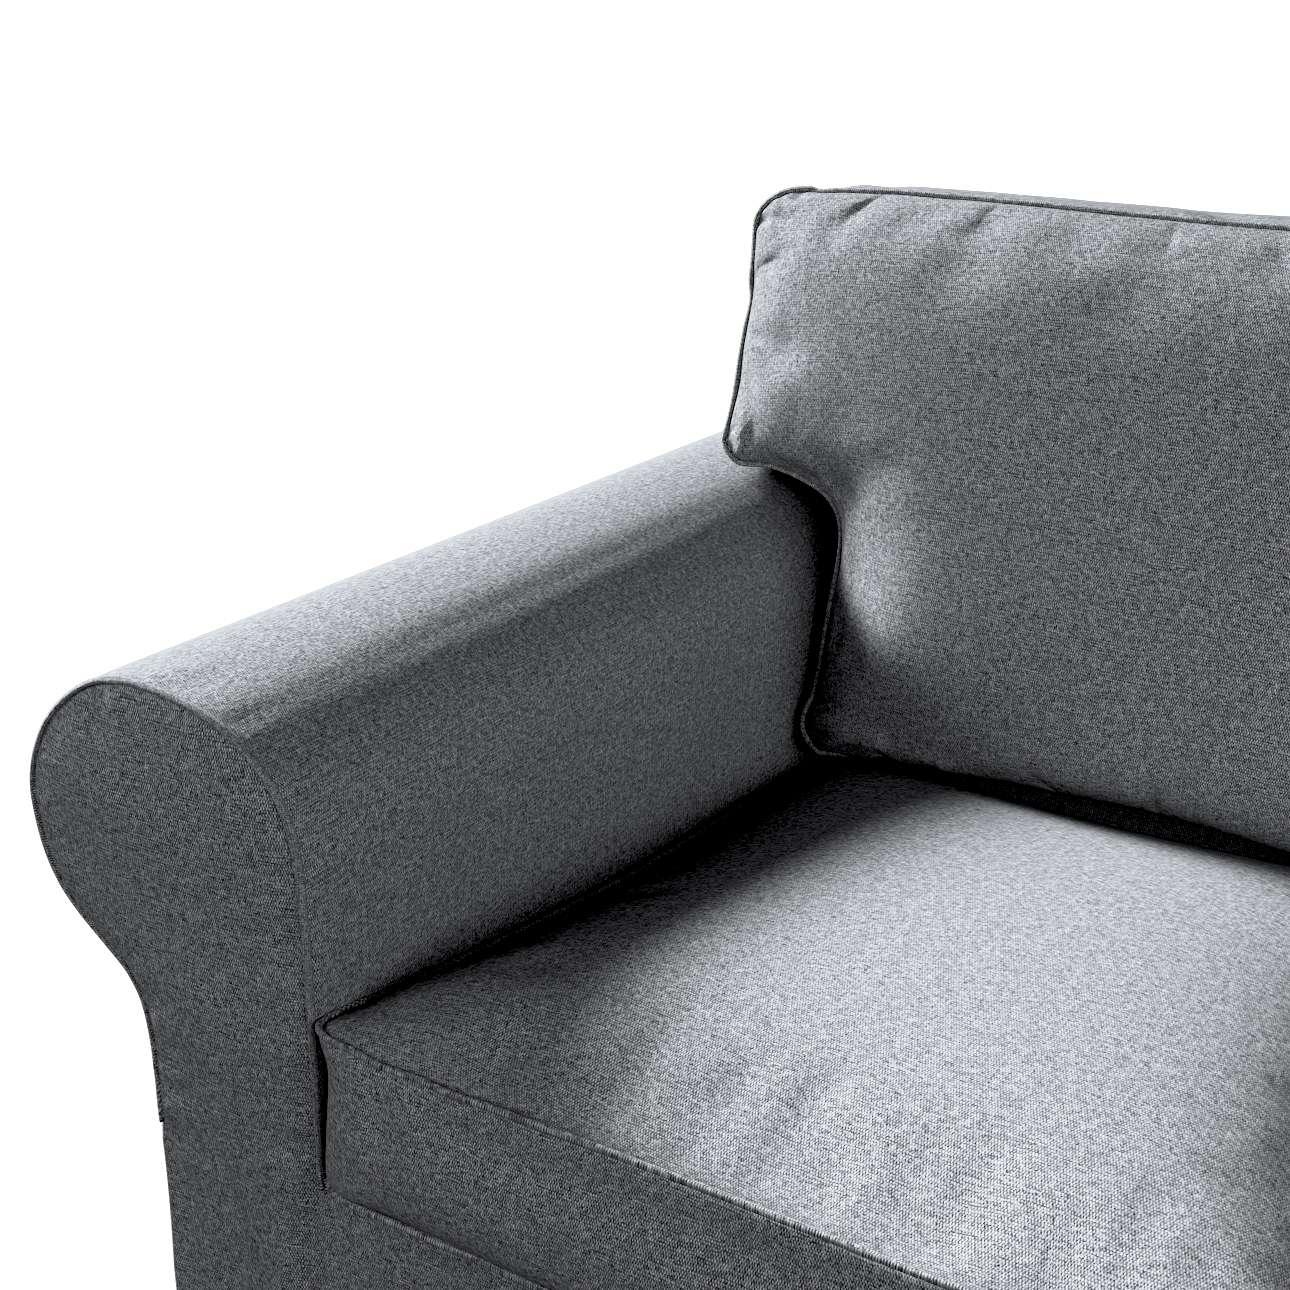 Pokrowiec na sofę Ektorp 2-osobową, rozkładaną, model do 2012 w kolekcji Amsterdam, tkanina: 704-47